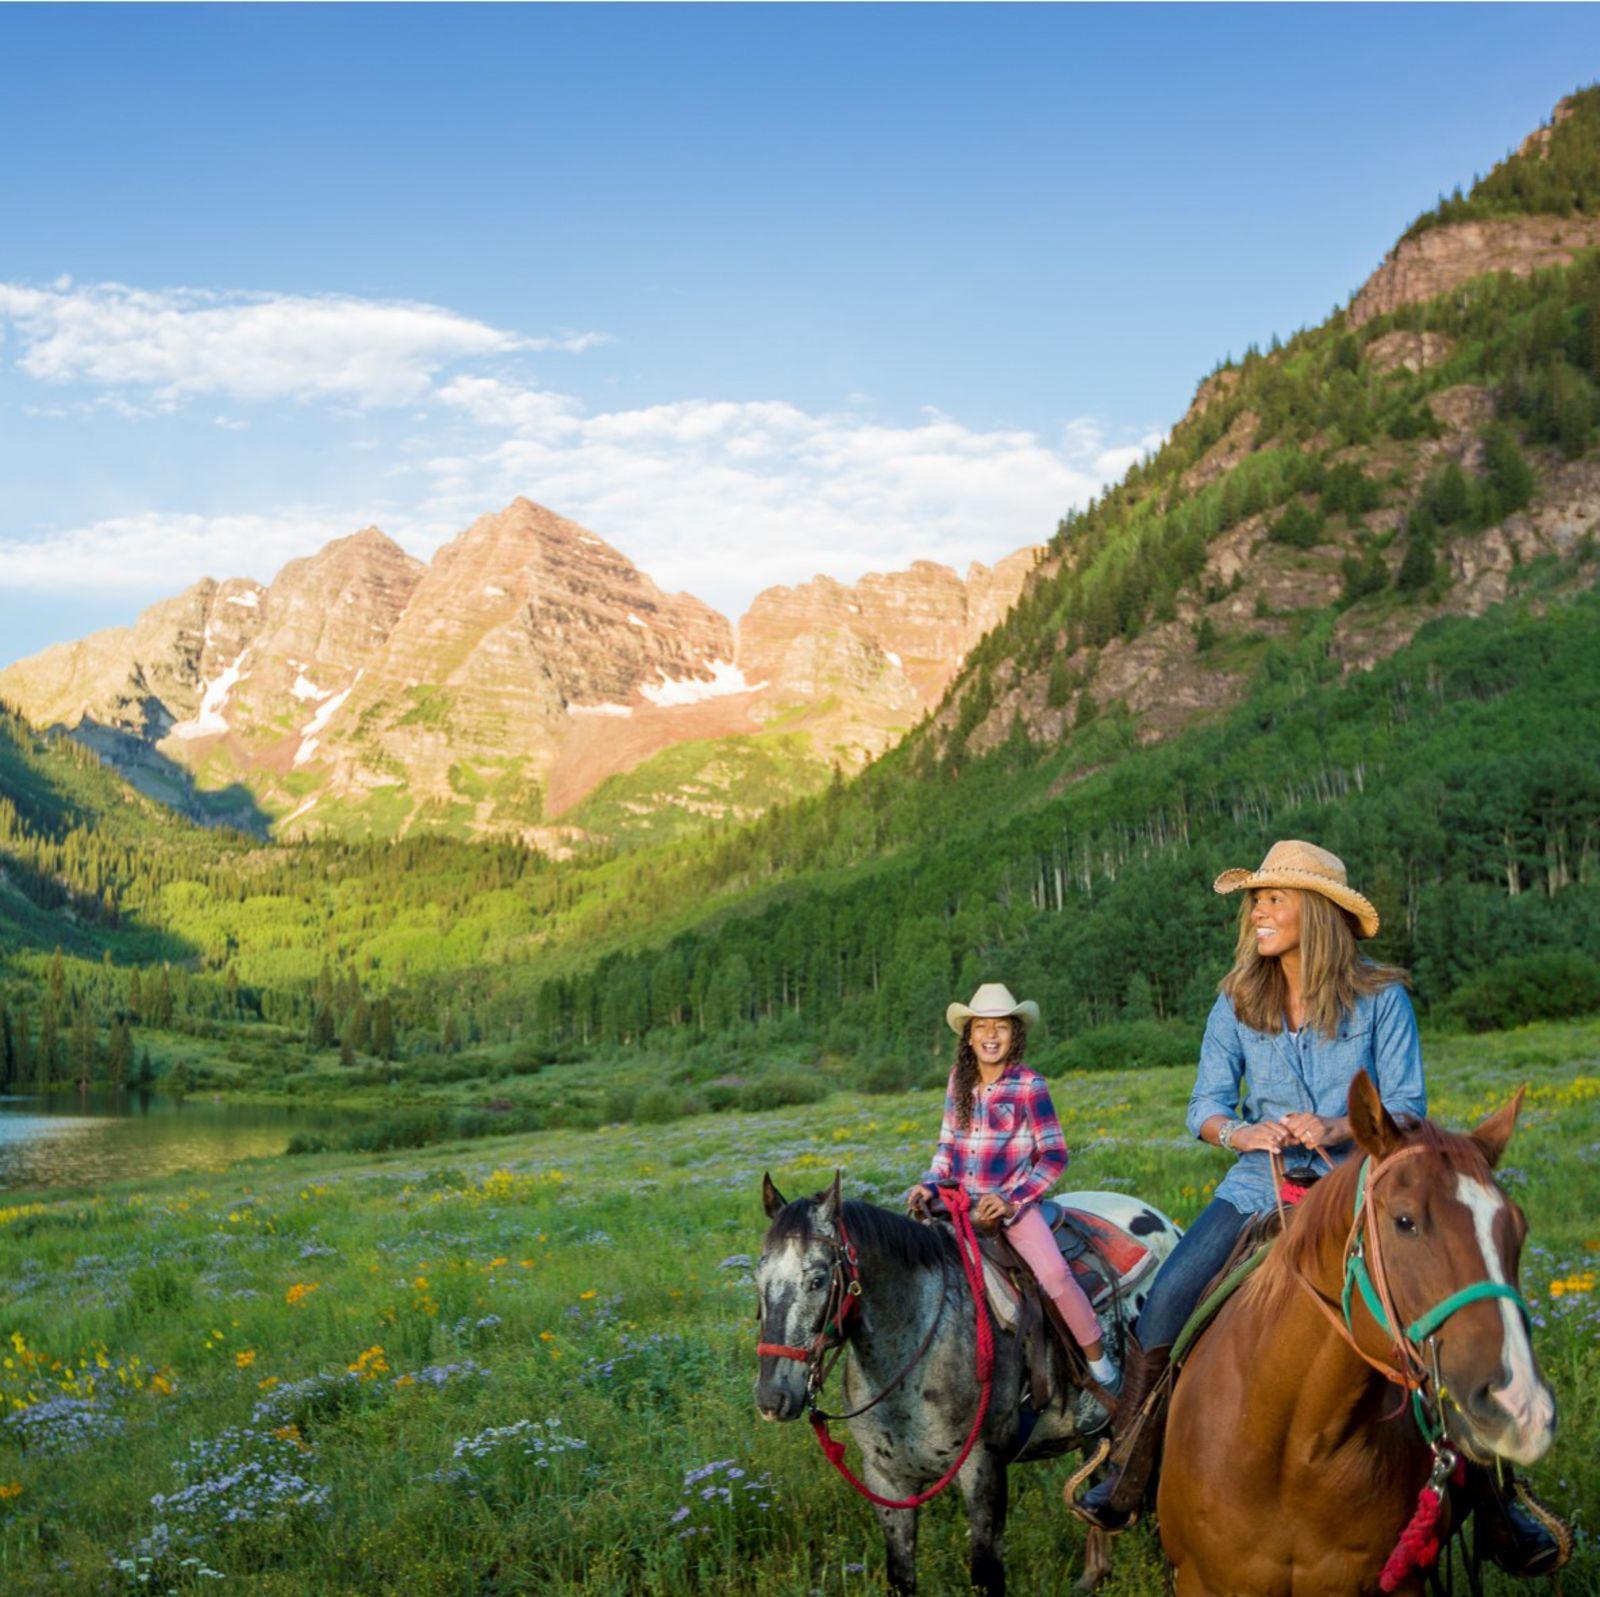 Reiten in Maroon Bells, Colorado